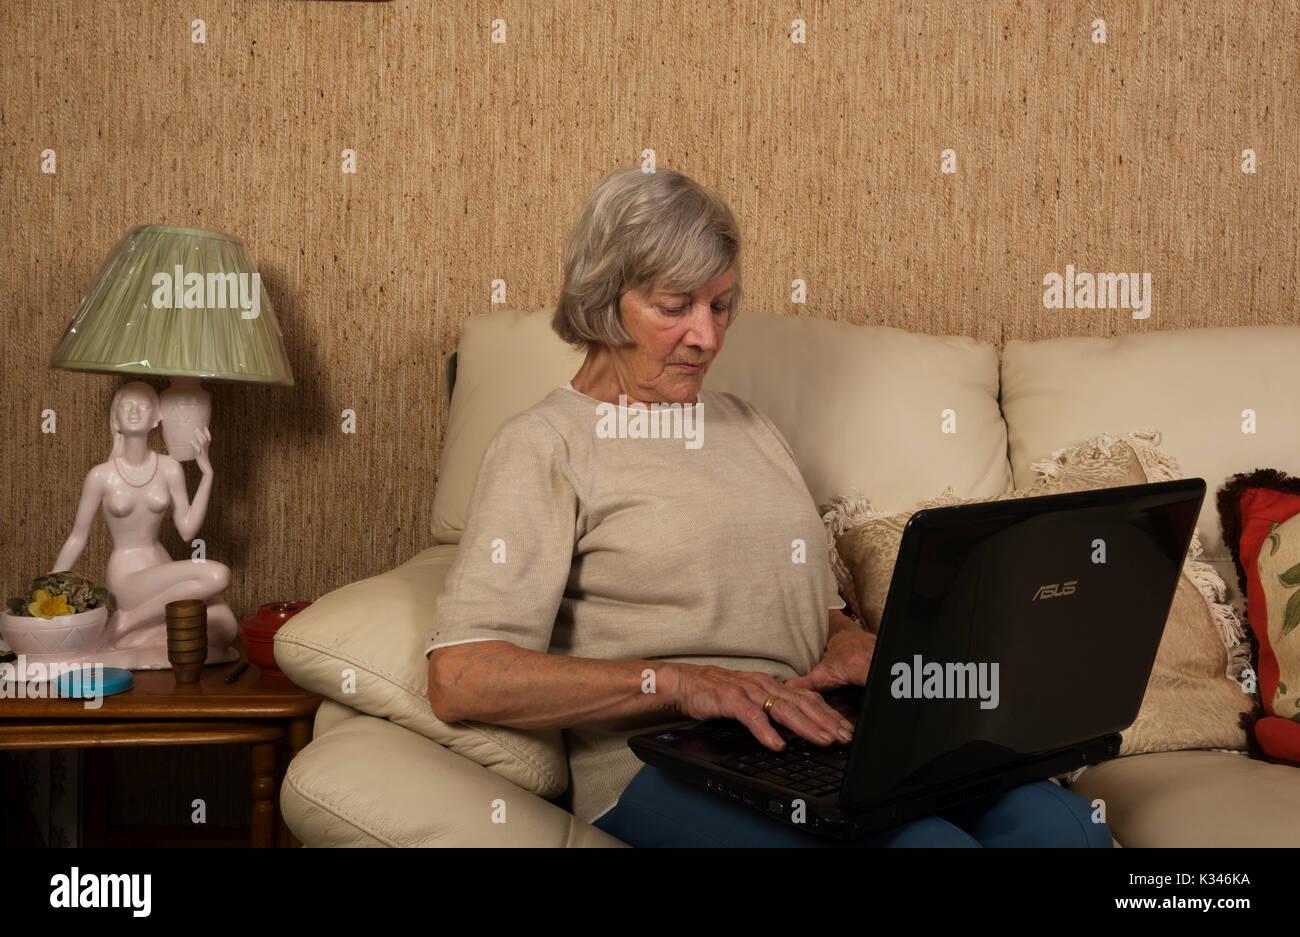 8eeba8297bf3b Femme âgée à l'aide d'un ordinateur portable pour faire des achats en